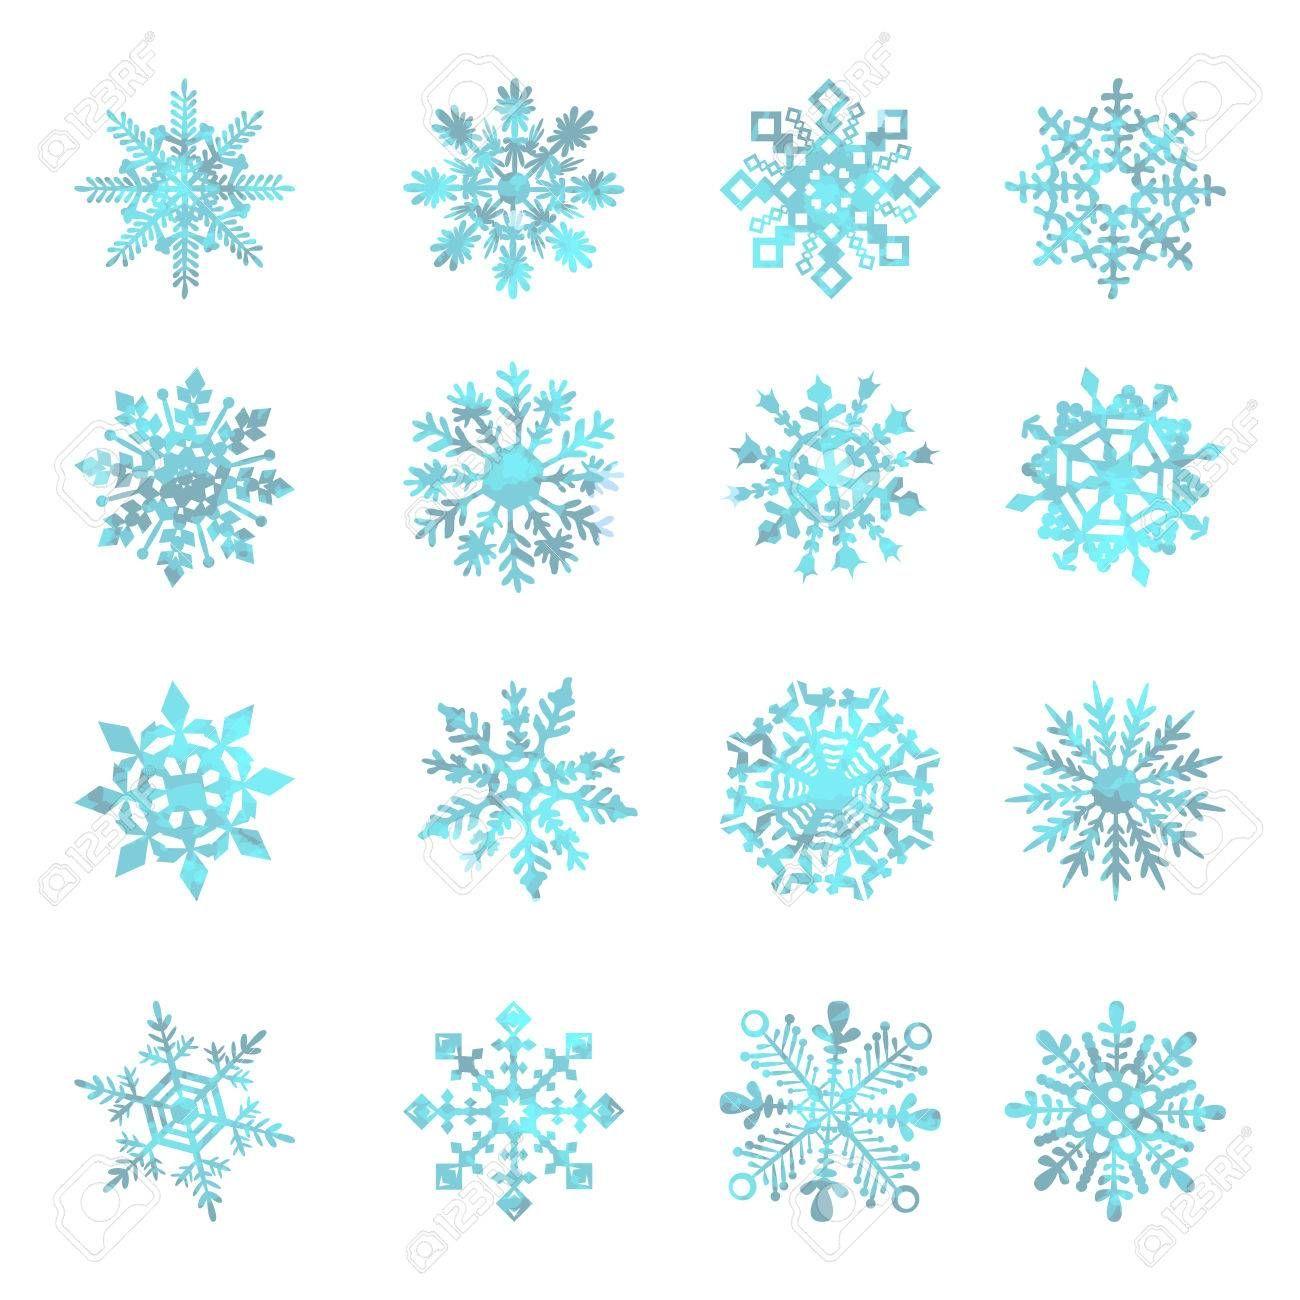 33469216WatercolorsnowflakesVECTORstarsymbolgraphic